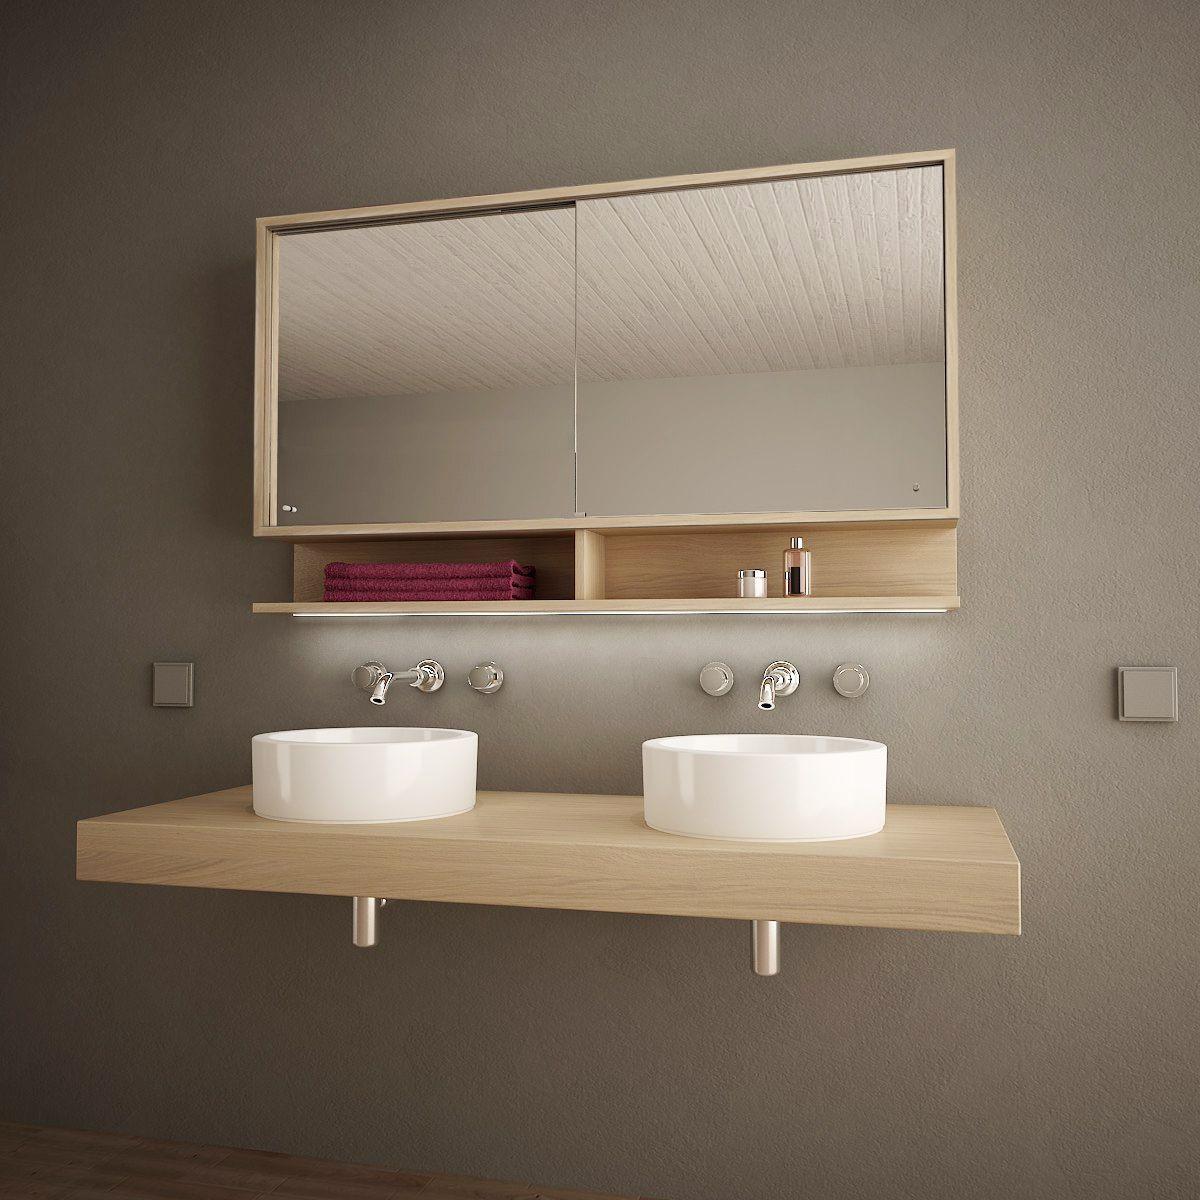 Spiegelschrank Mit Schiebeturen Und Led Masima Spiegelschrank Badezimmer Spiegelschrank Badezimmer